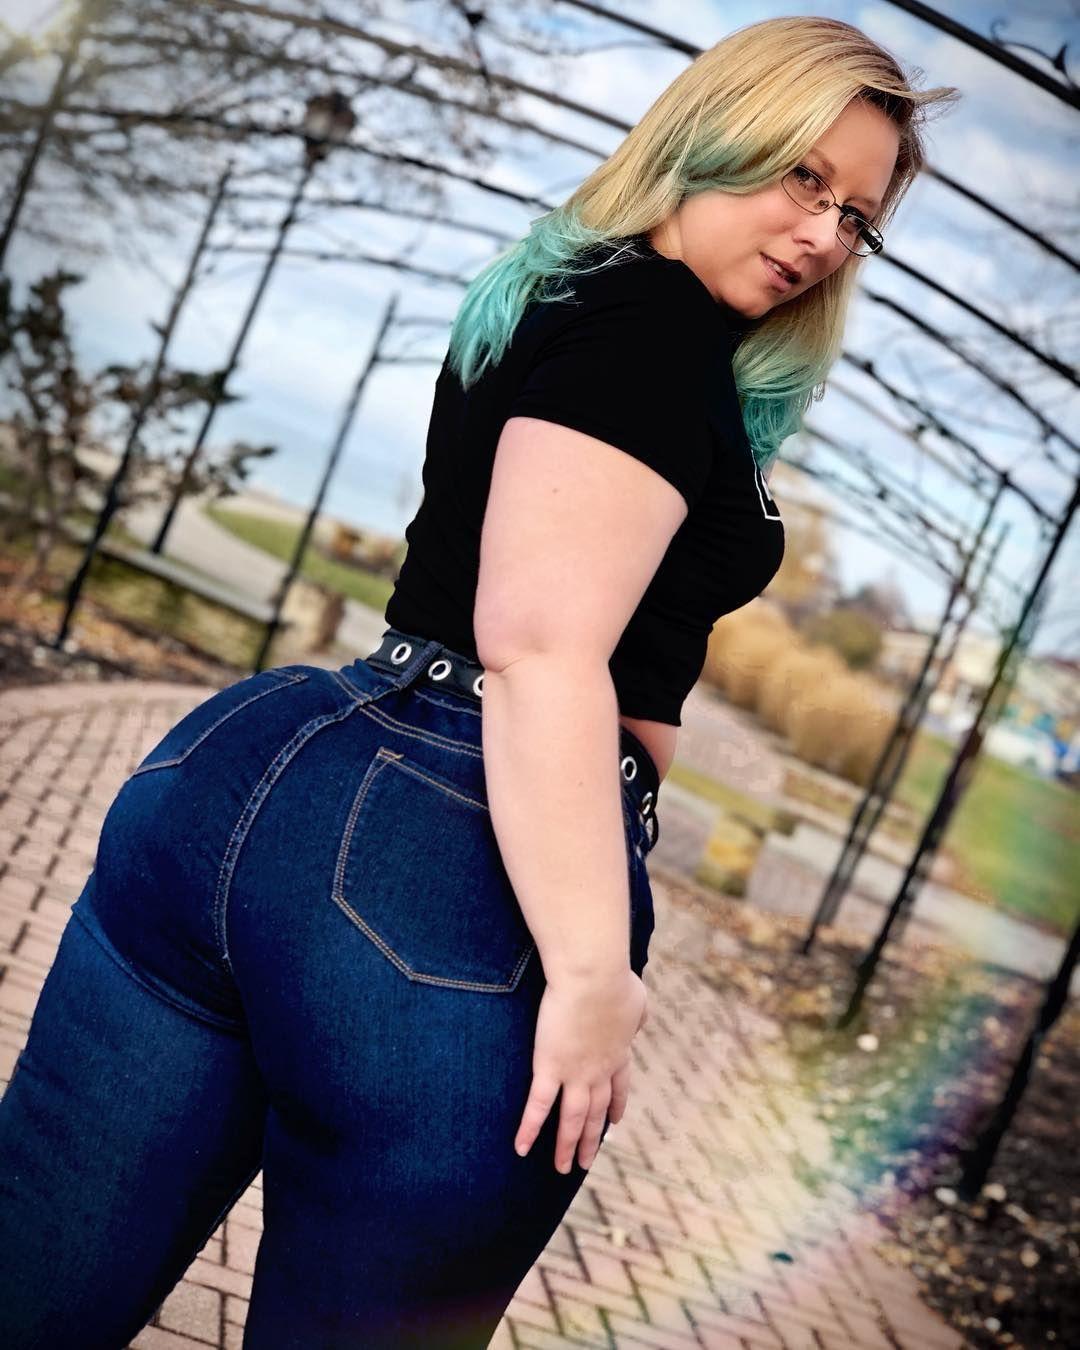 Paige Porcelain Ass